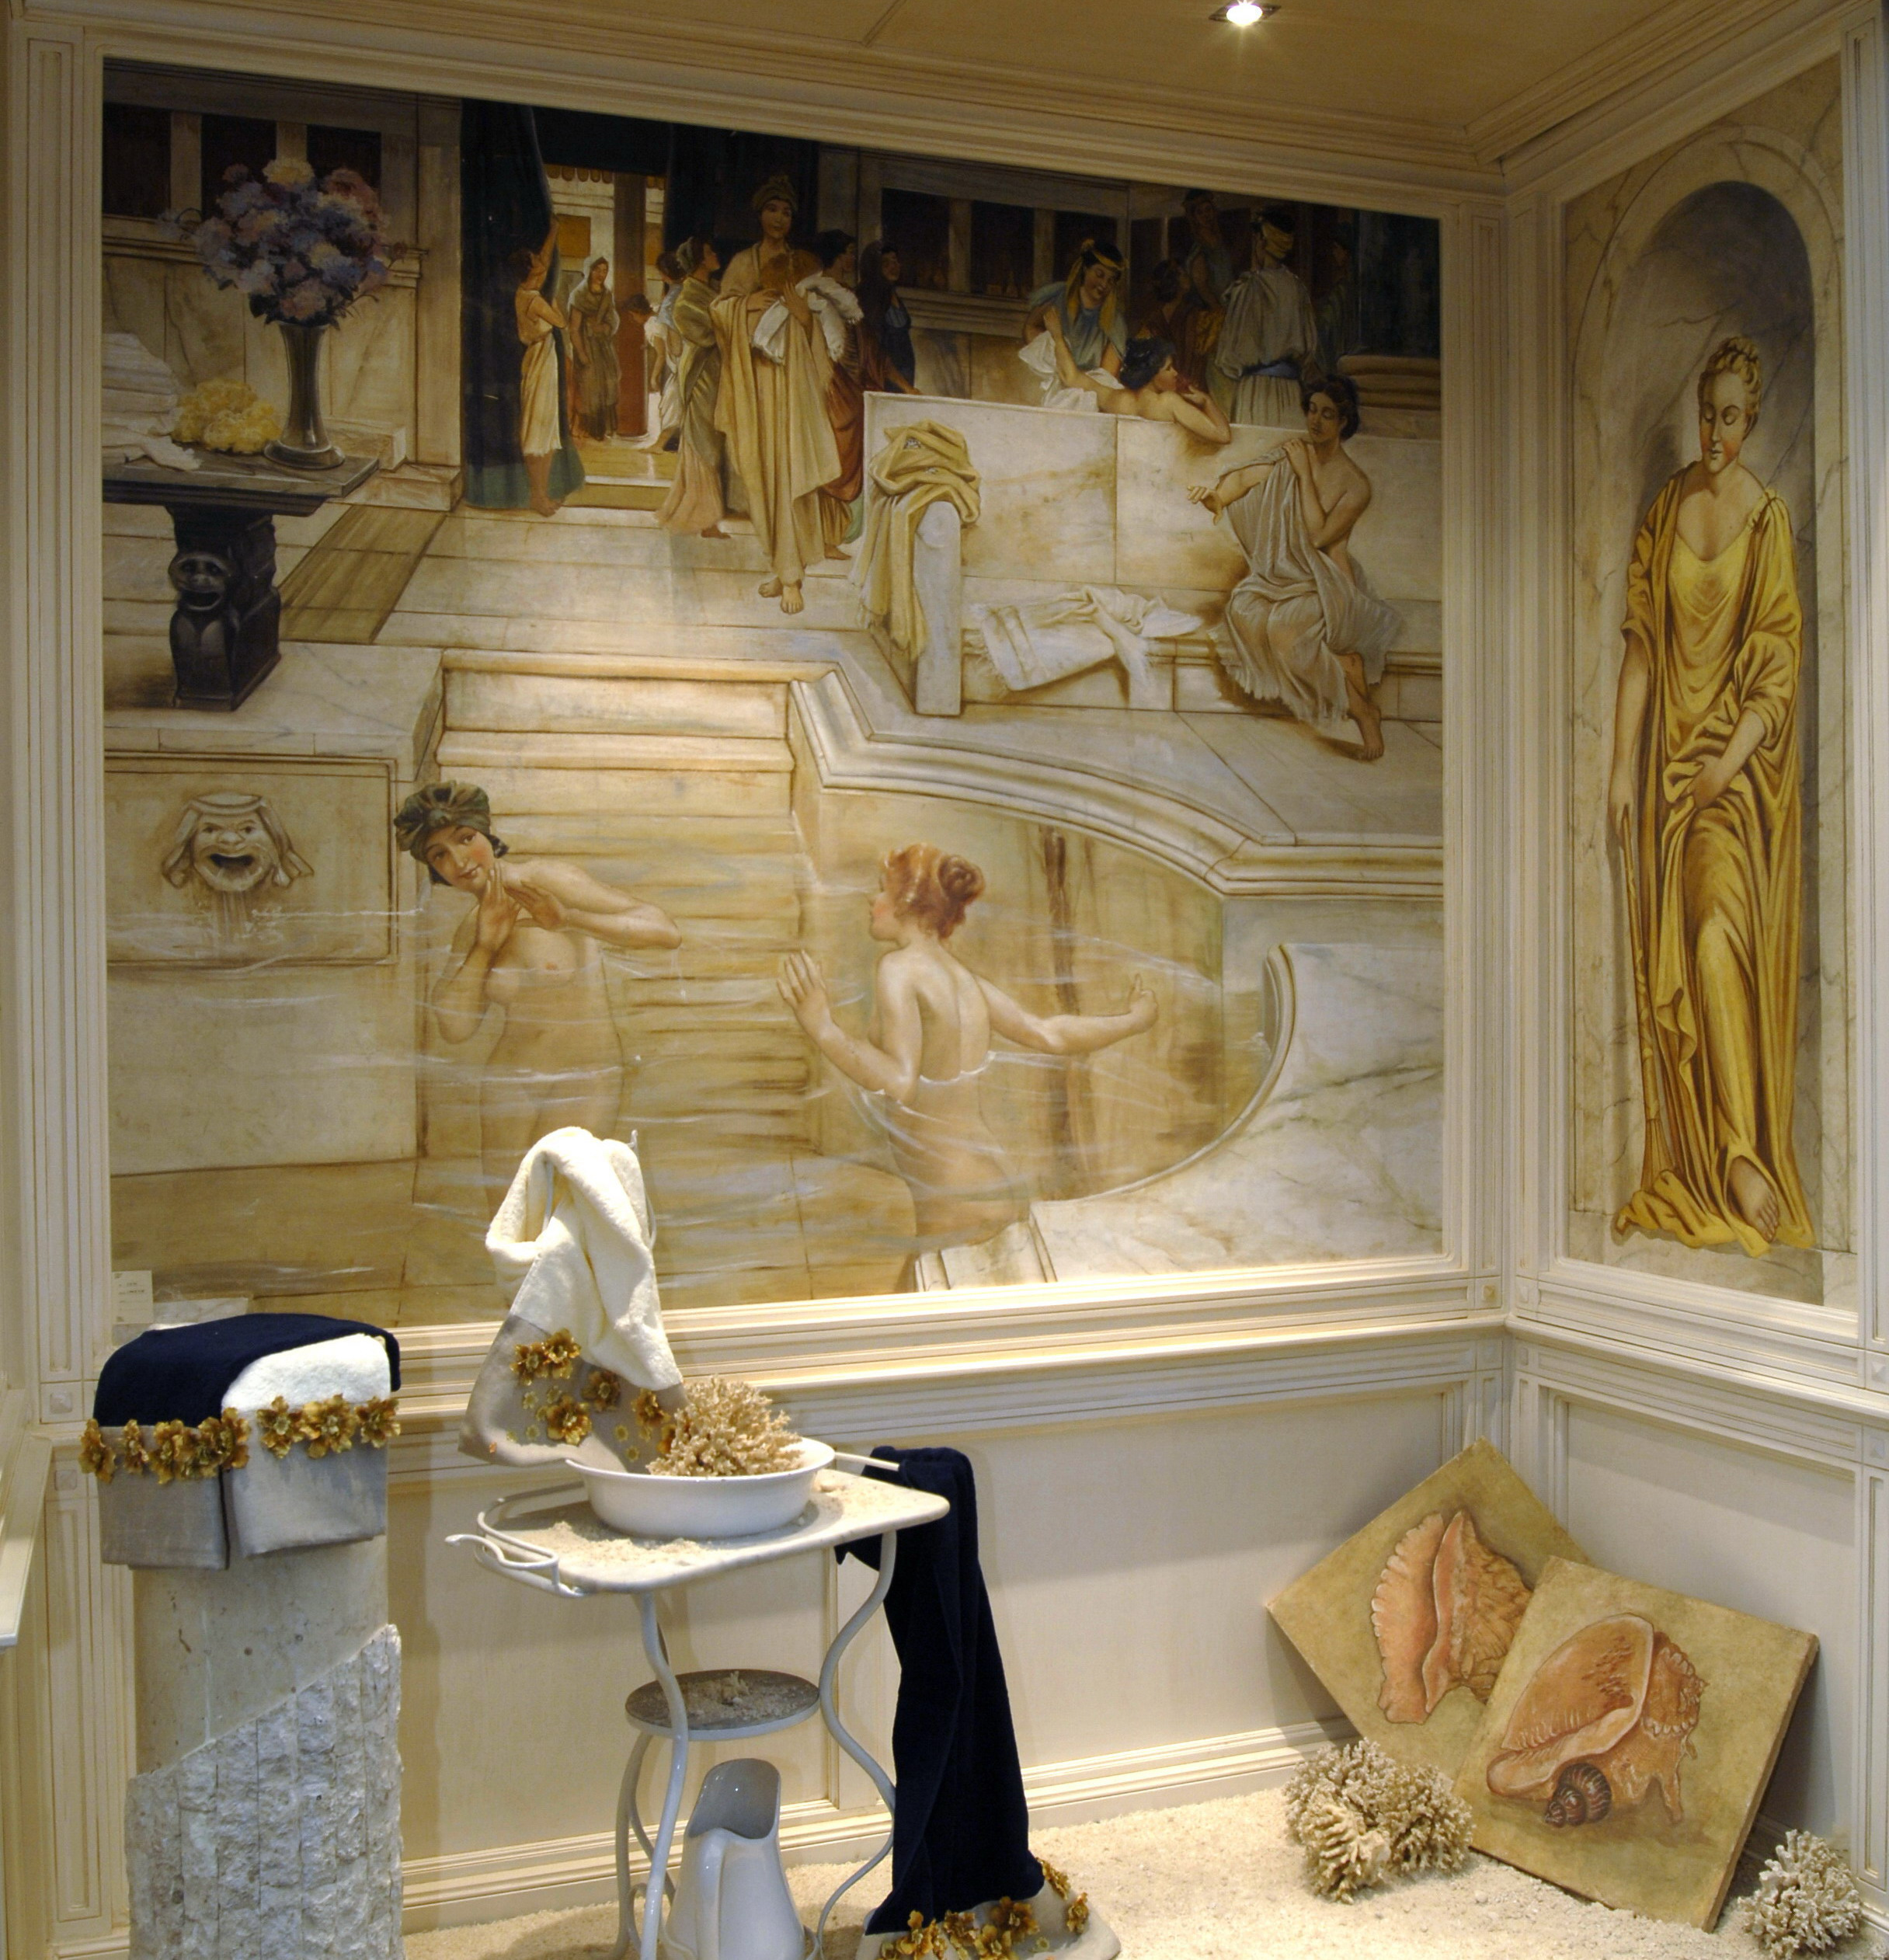 Tra romanticismo e nostalgia gli affreschi di alma tadema - Ragazze spiate in bagno ...